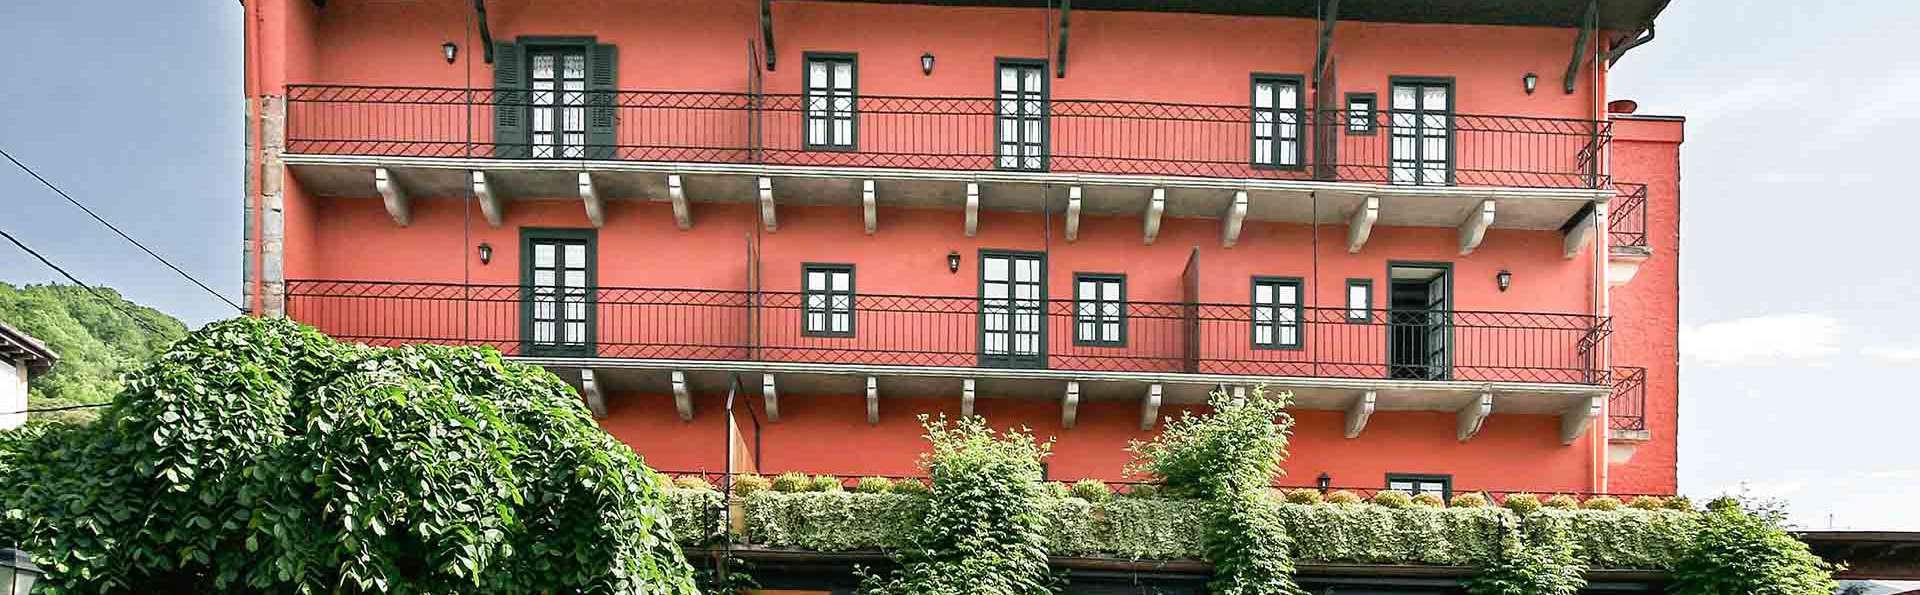 Hotel Churrut - FACHADA_SUR.jpg